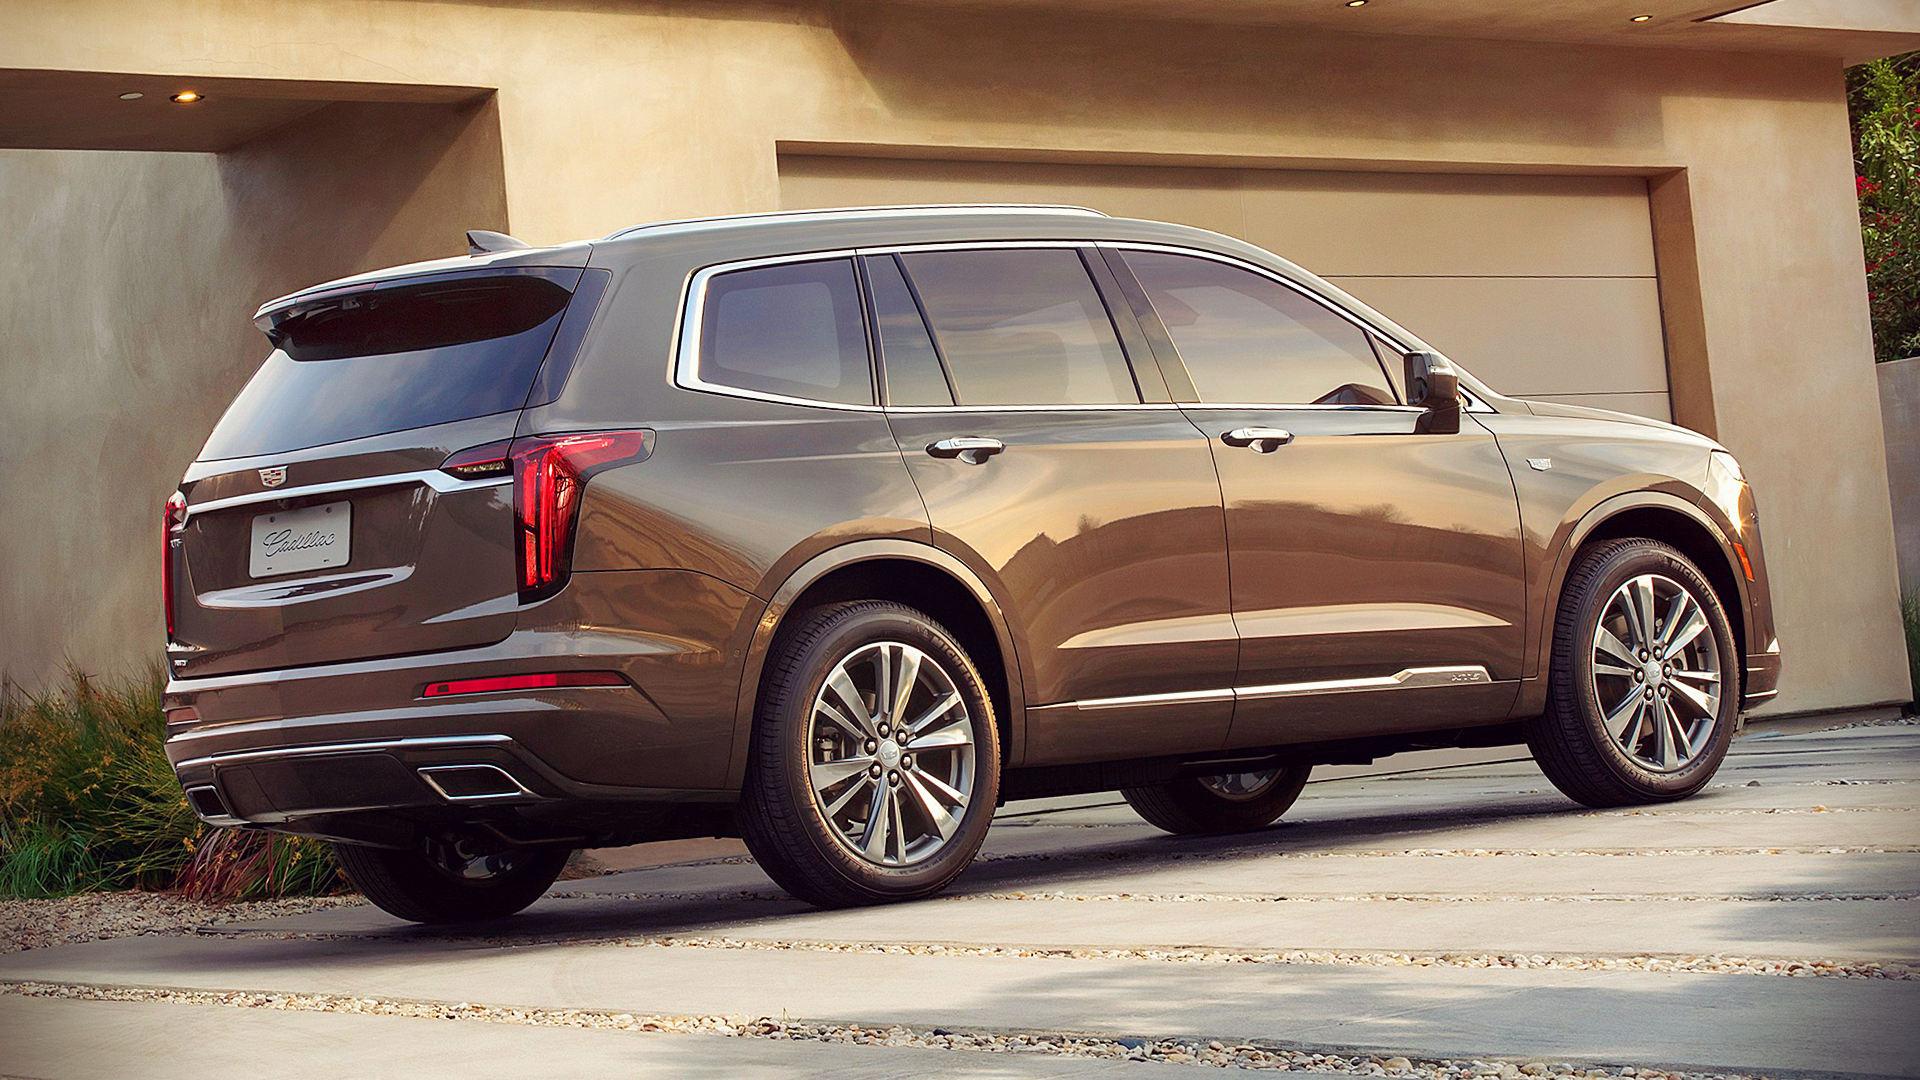 2020 Cadillac SUV XT6 Premium Luxury Photos Images